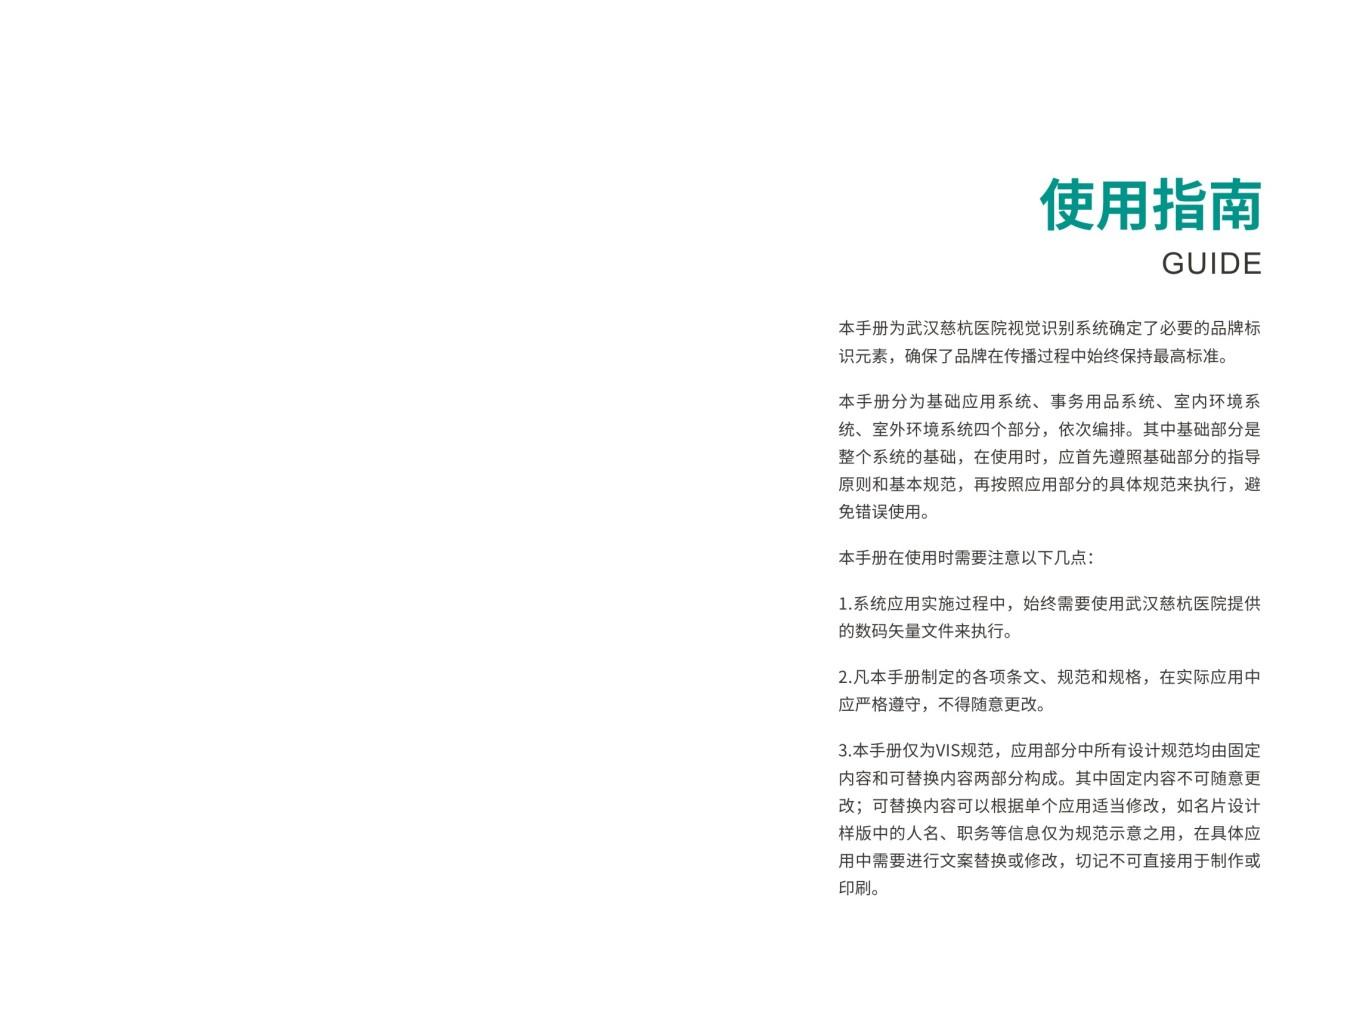 武汉慈杭医院VIS设计图2